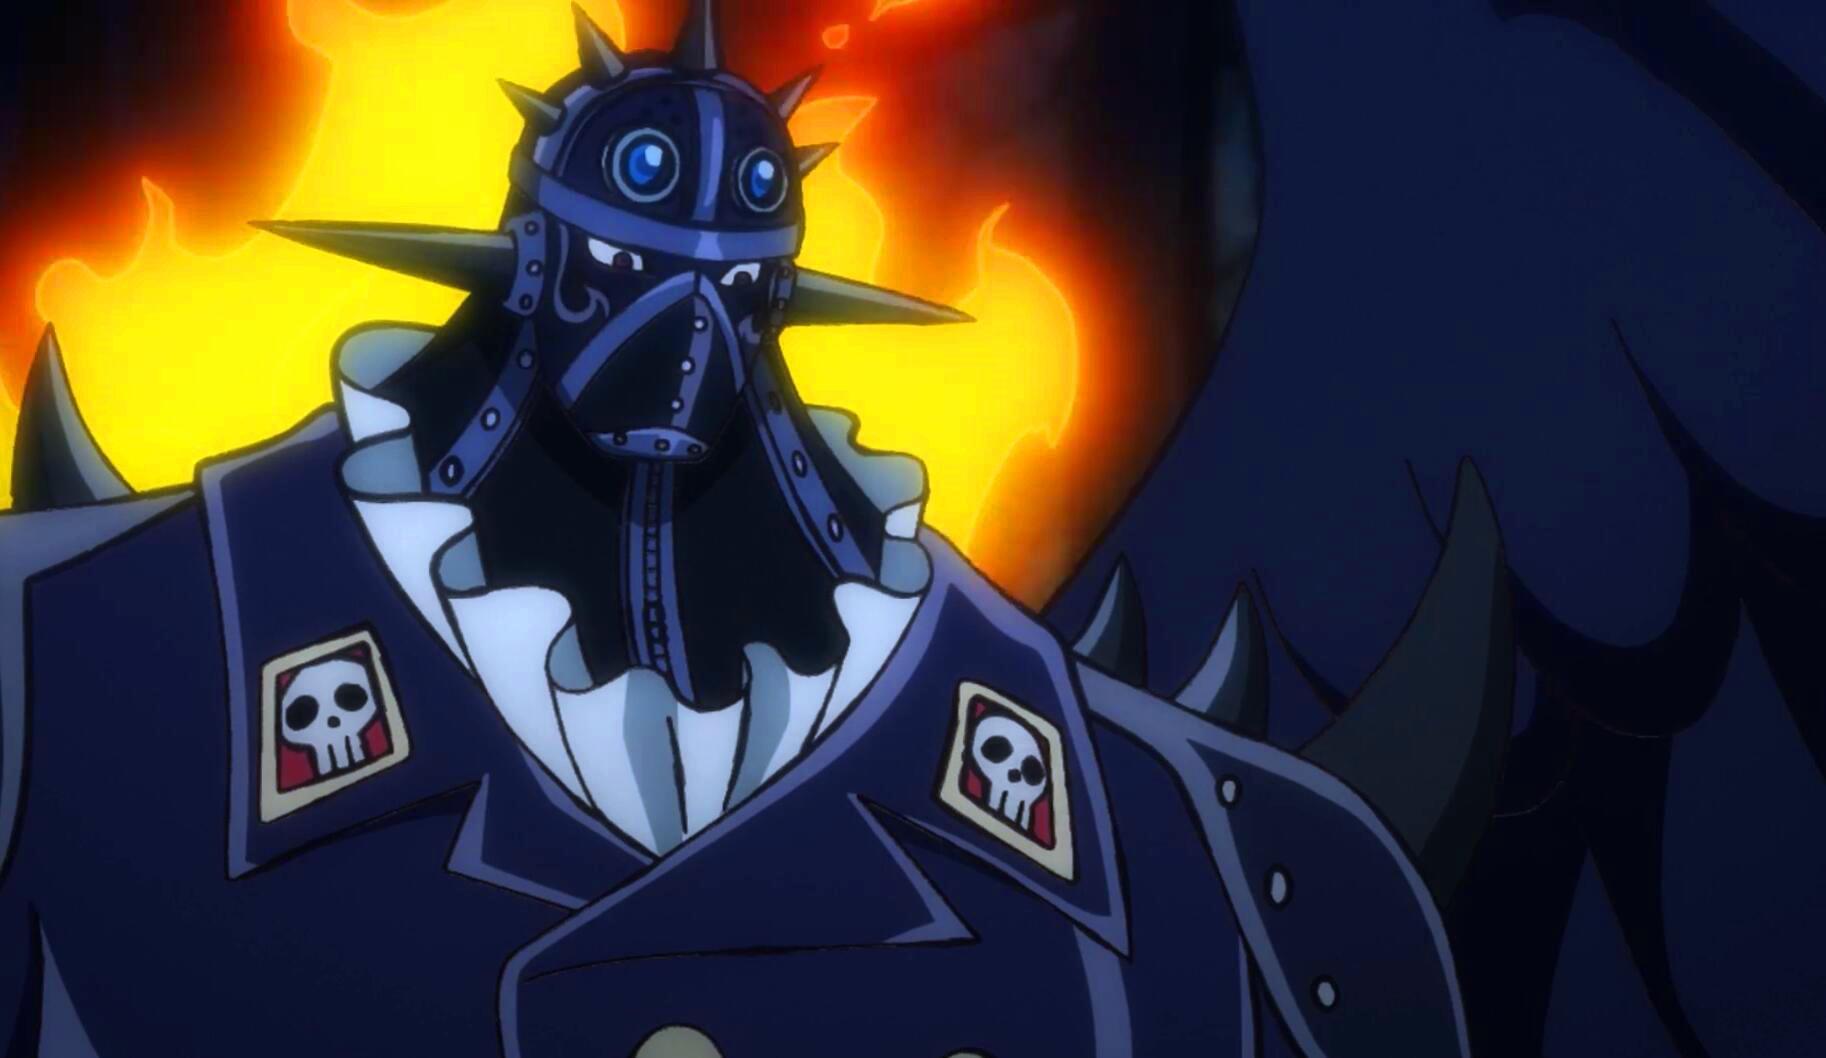 海賊王:皇級海賊團的戰略顧問,紅發團依靠貝克曼,百獸團是燼?